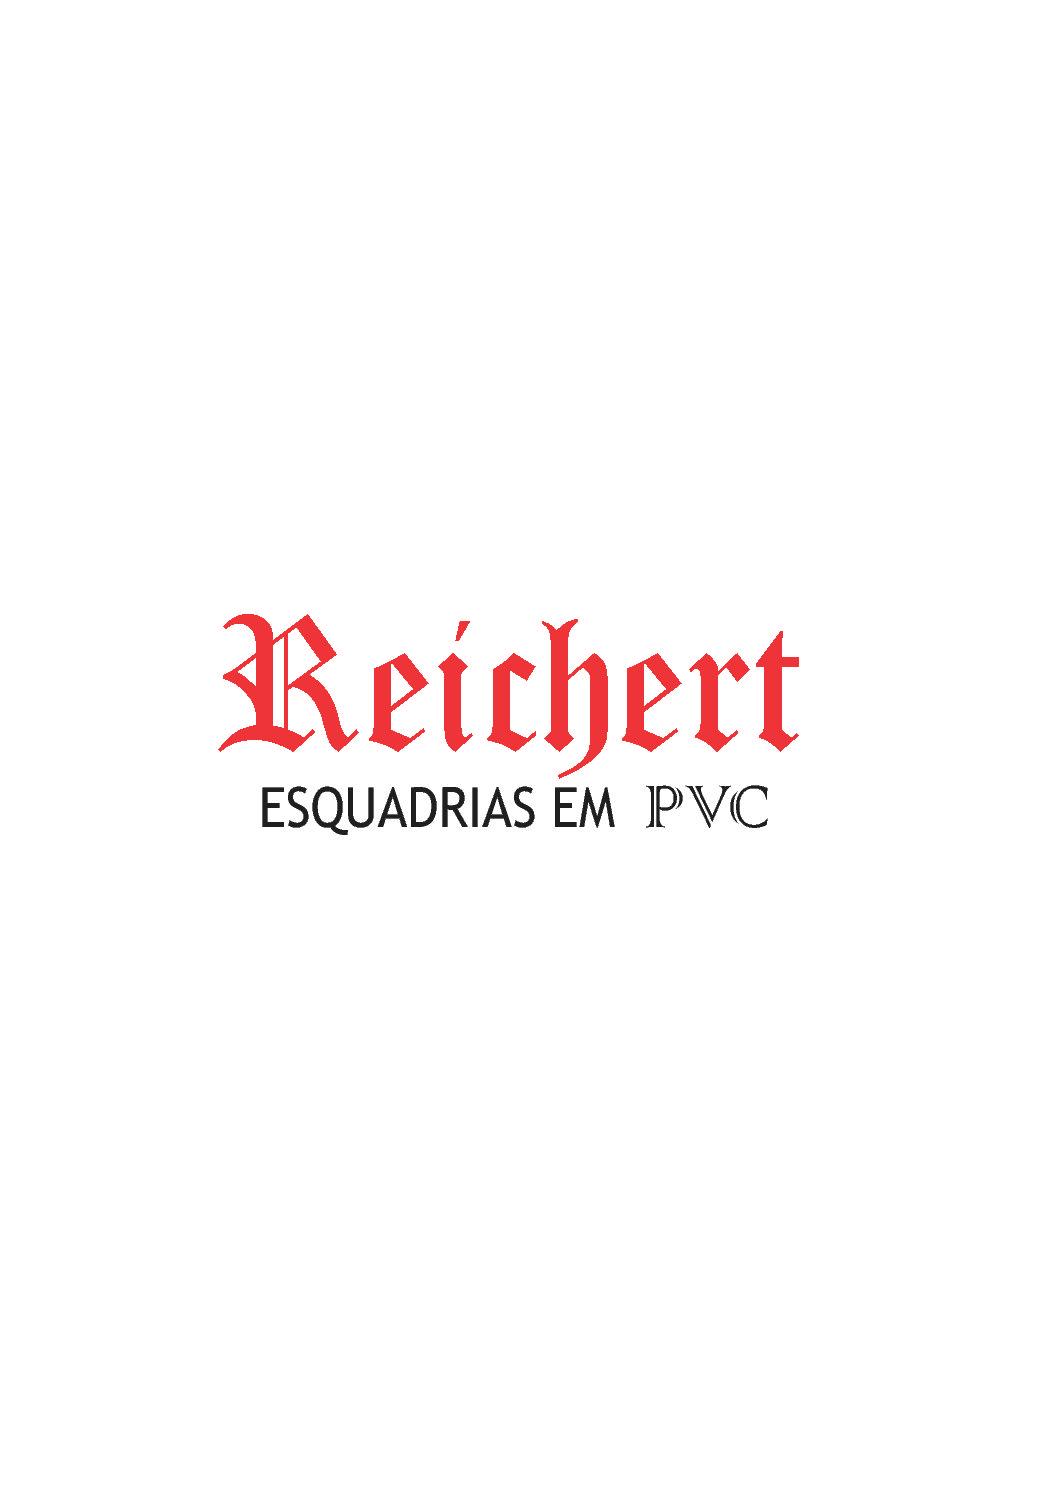 Polos e camisetas com bordado ponto a ponto para a empresa Reichert Esquadrias em PVC, da cidade de Selbach/RS.